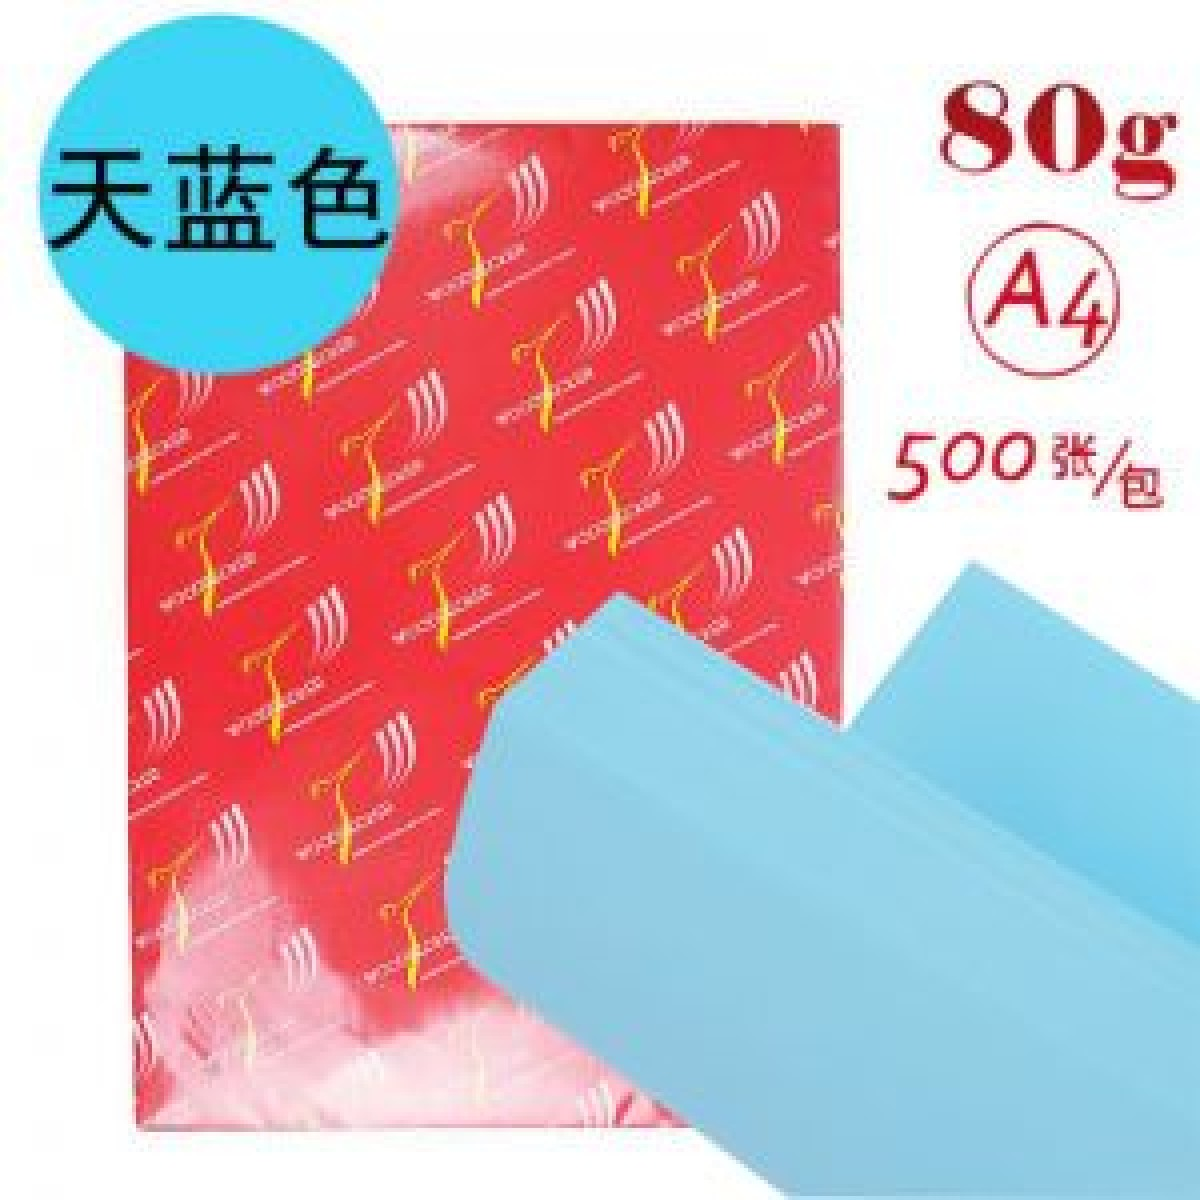 啄木鸟(zhumuniao)彩色复印纸 A4 80g 500p 红色包装 天蓝